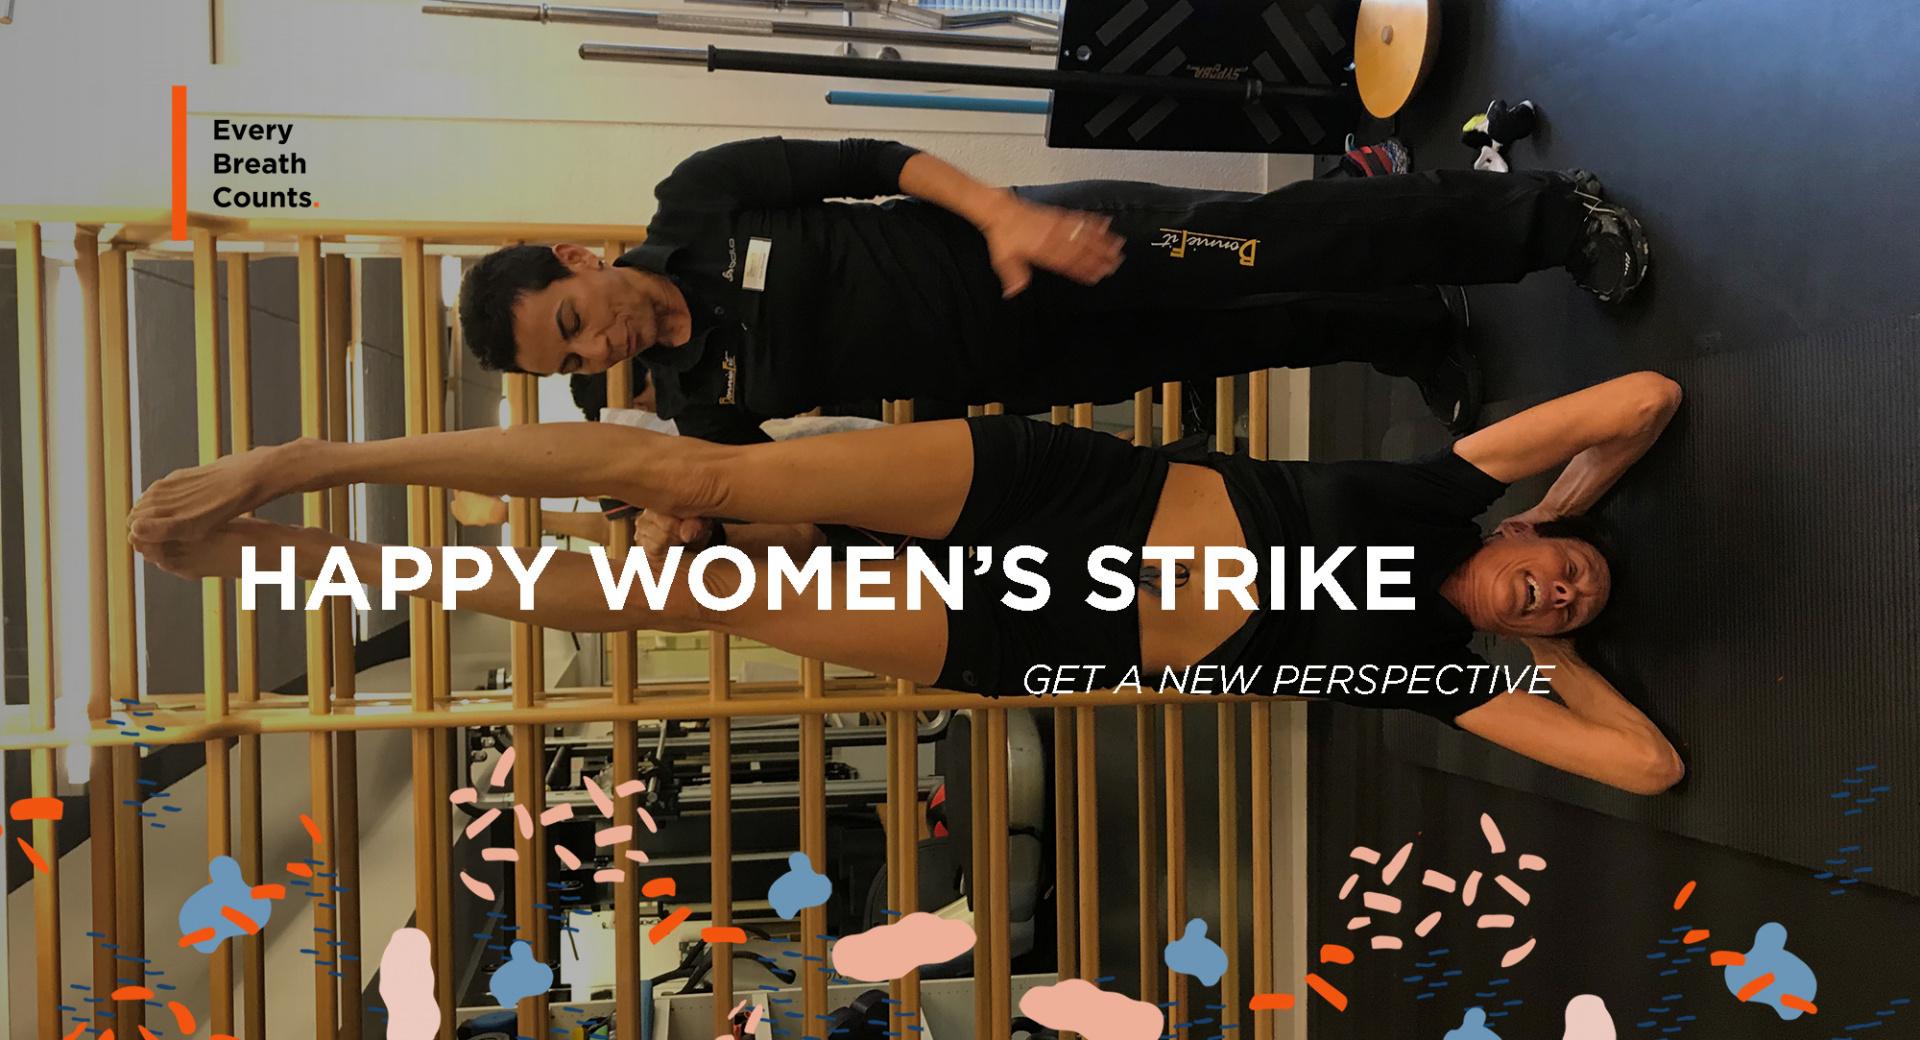 Happy women's strike!